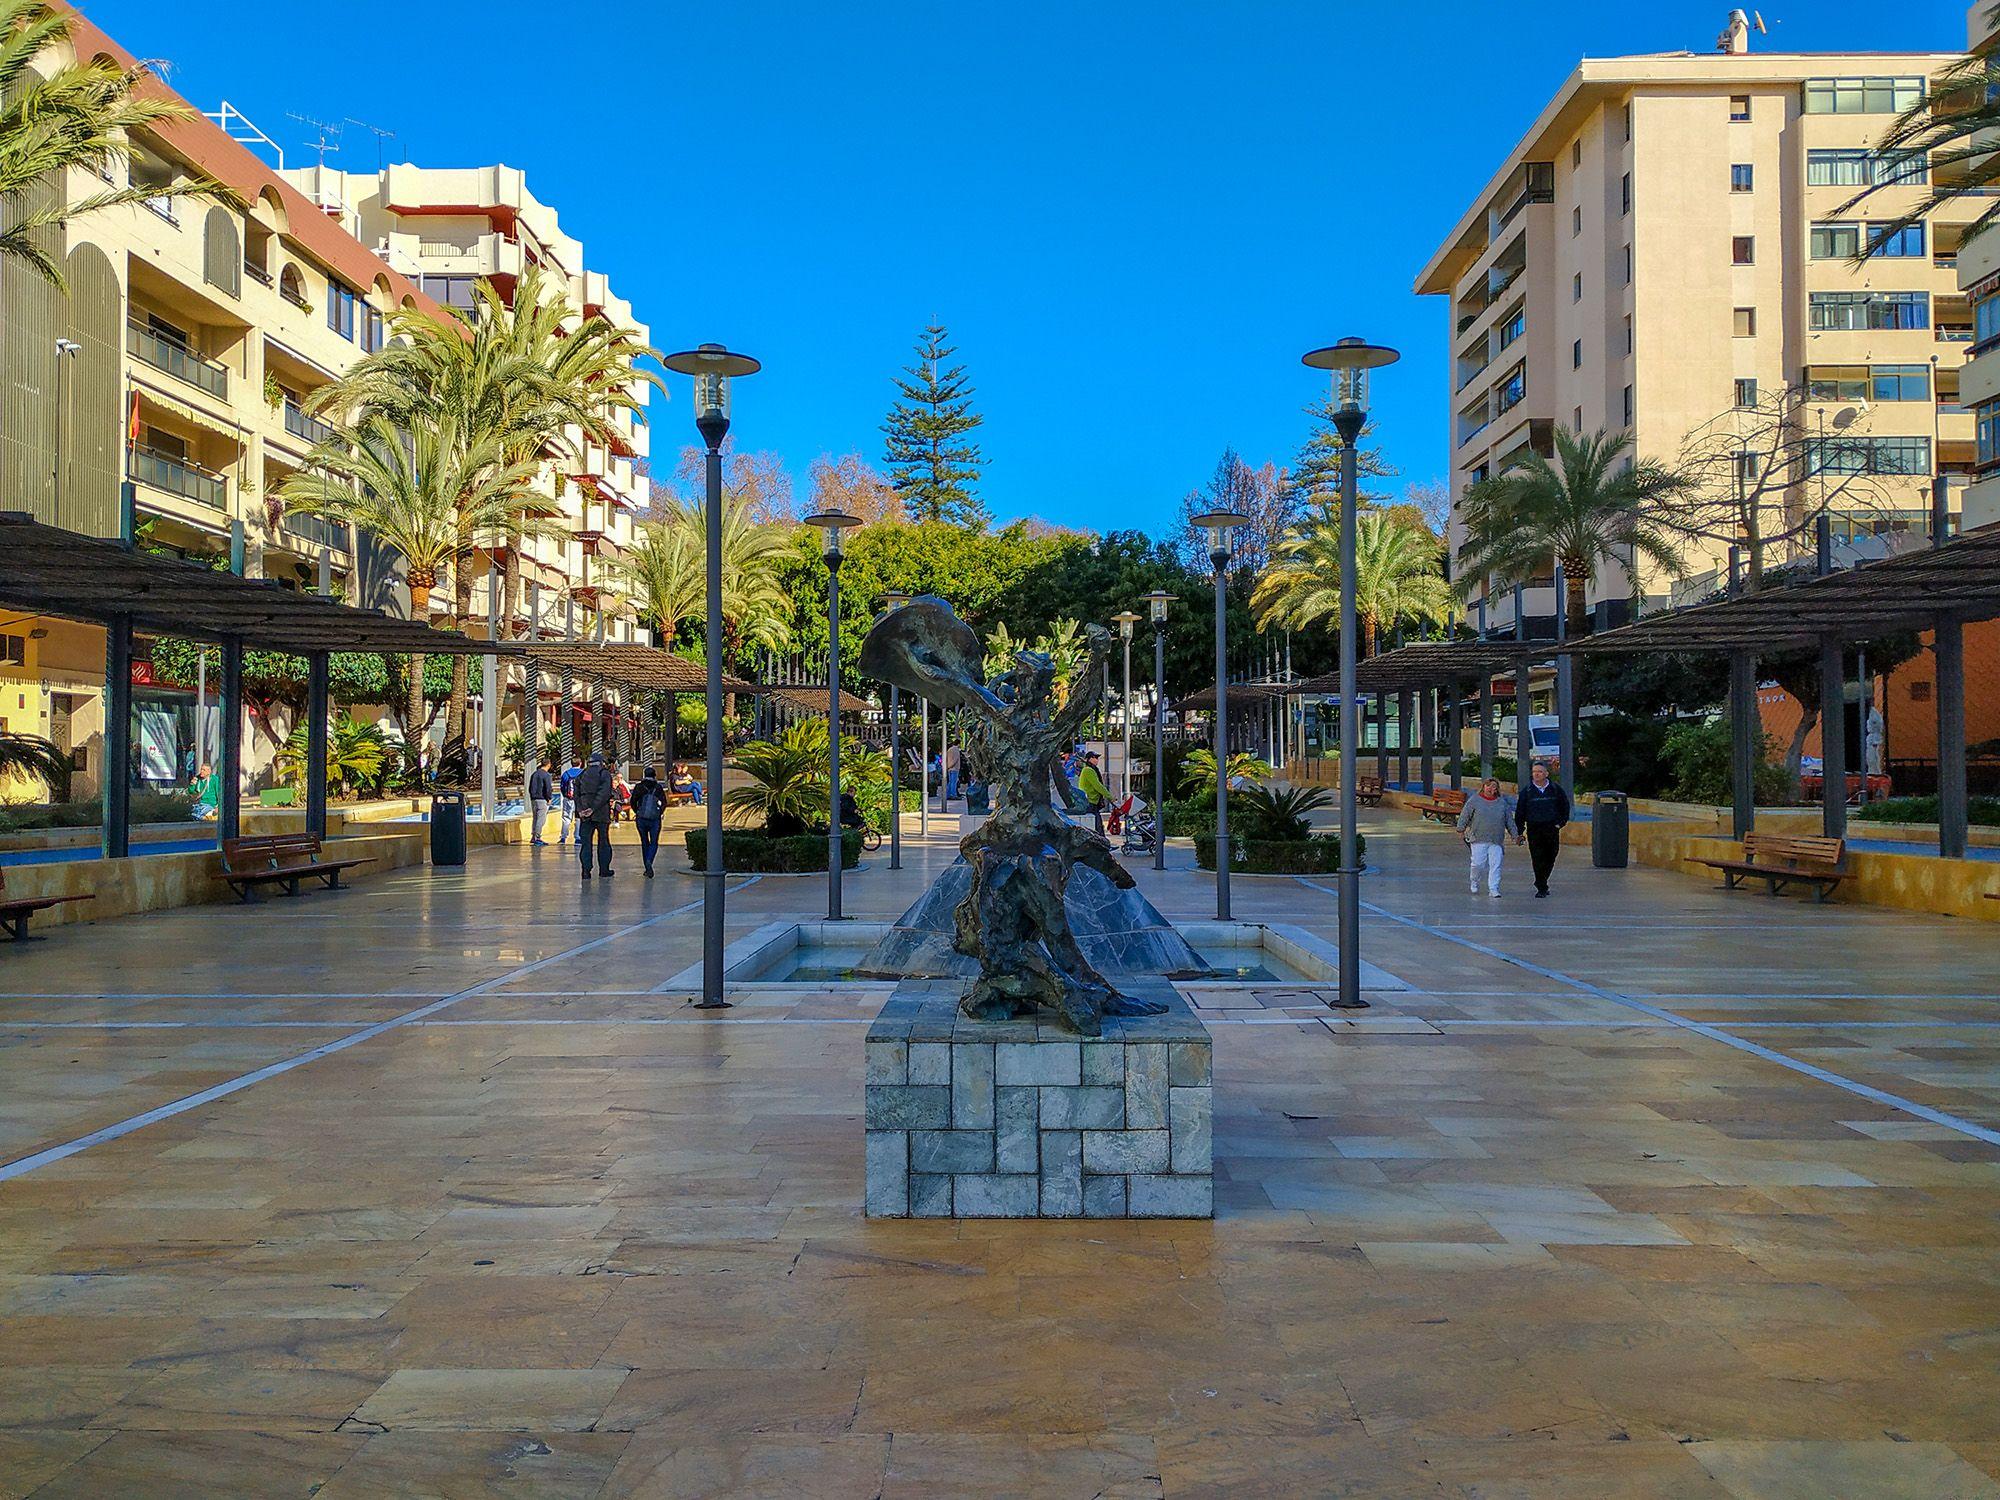 Avenida del Mar, Marbella